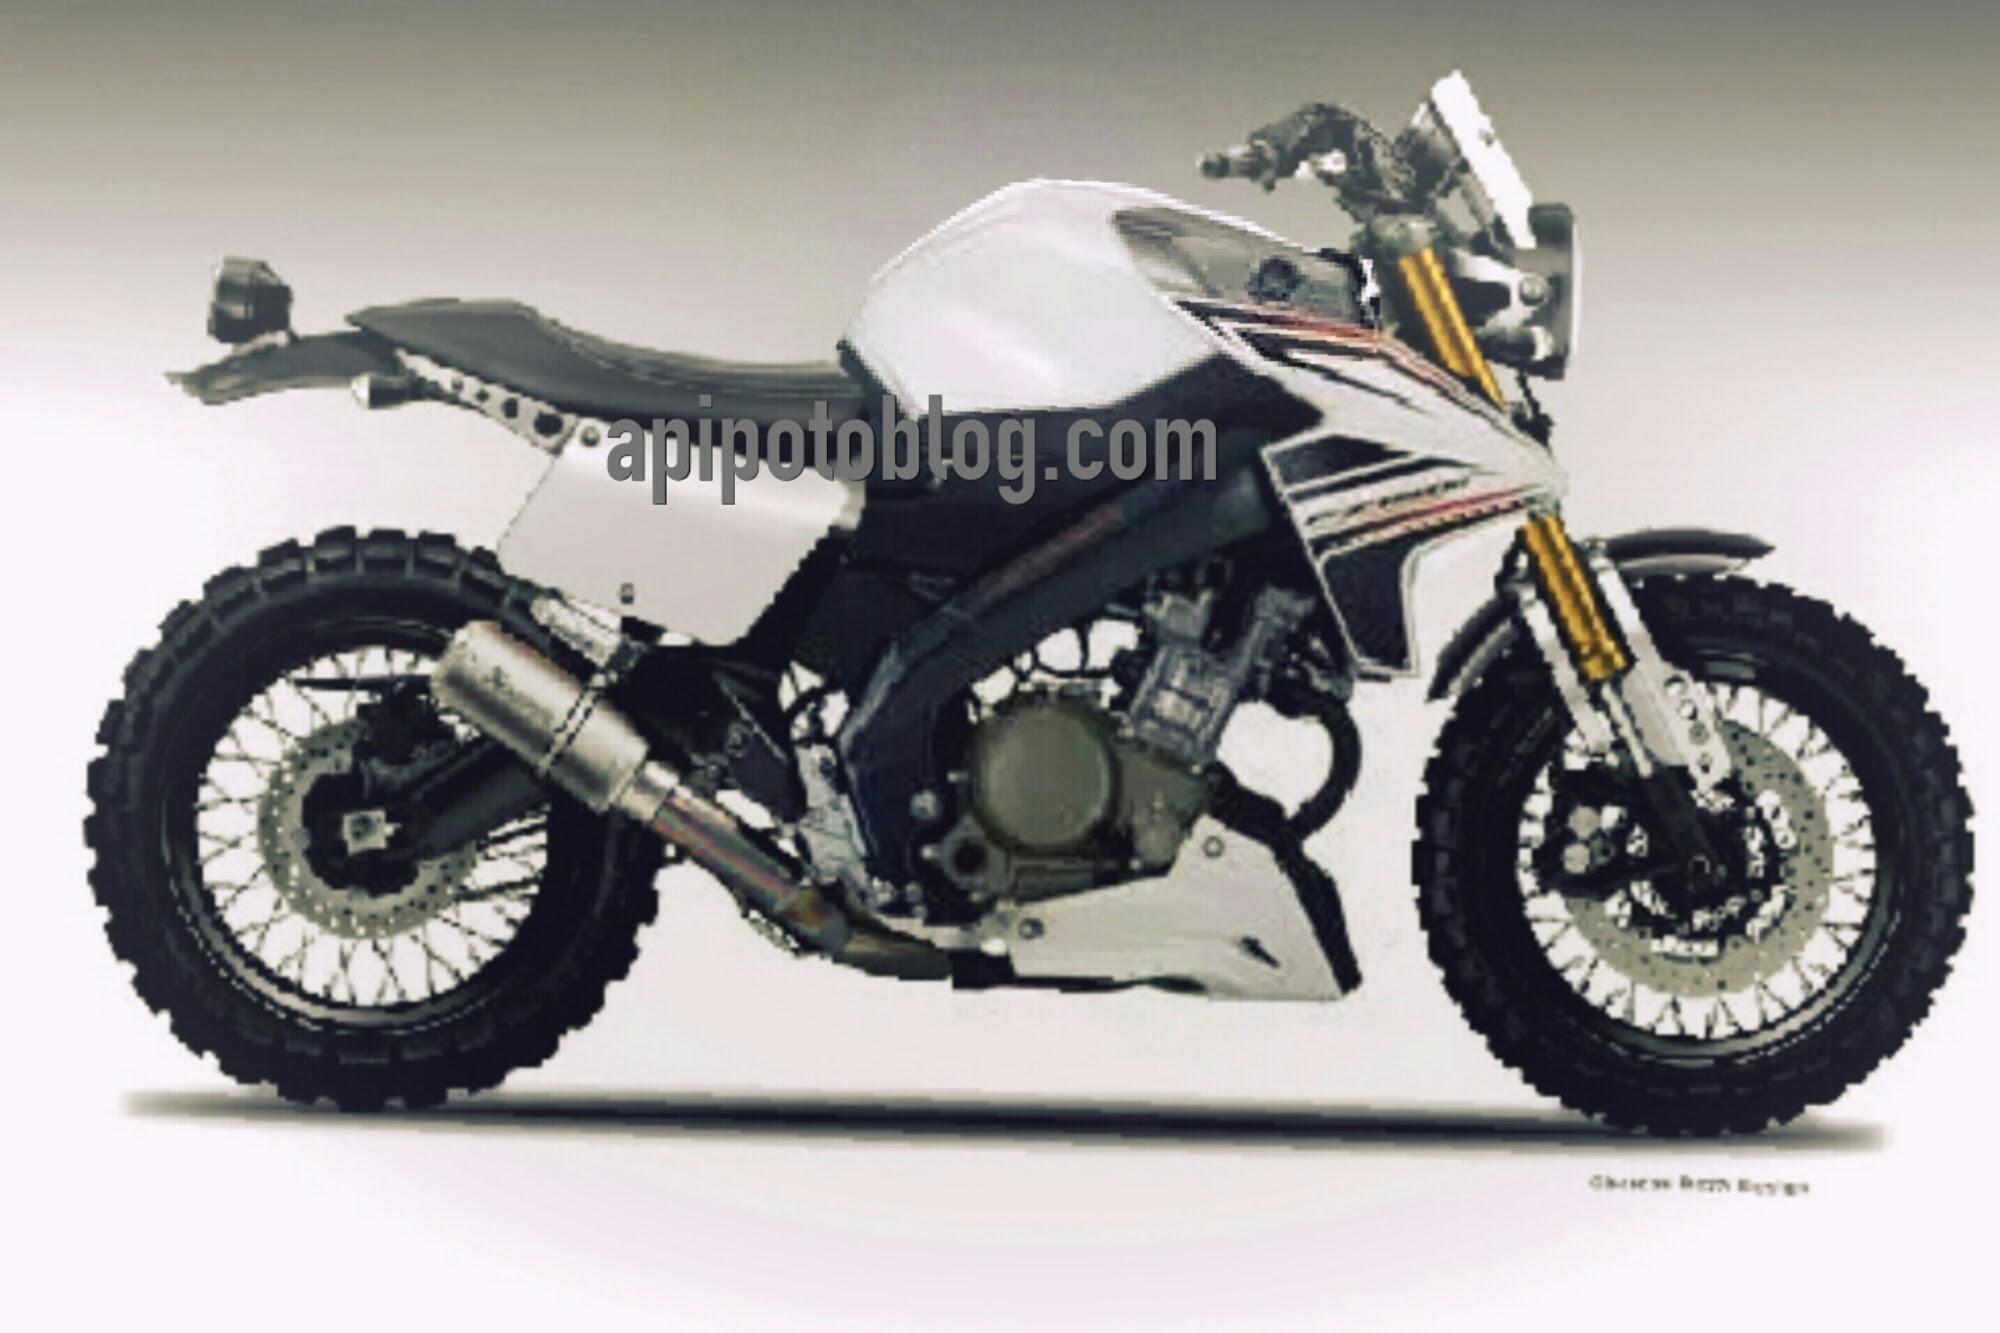 Modifikasi Yamaha Vixion Scrambler Konsep Keren Juga Nih